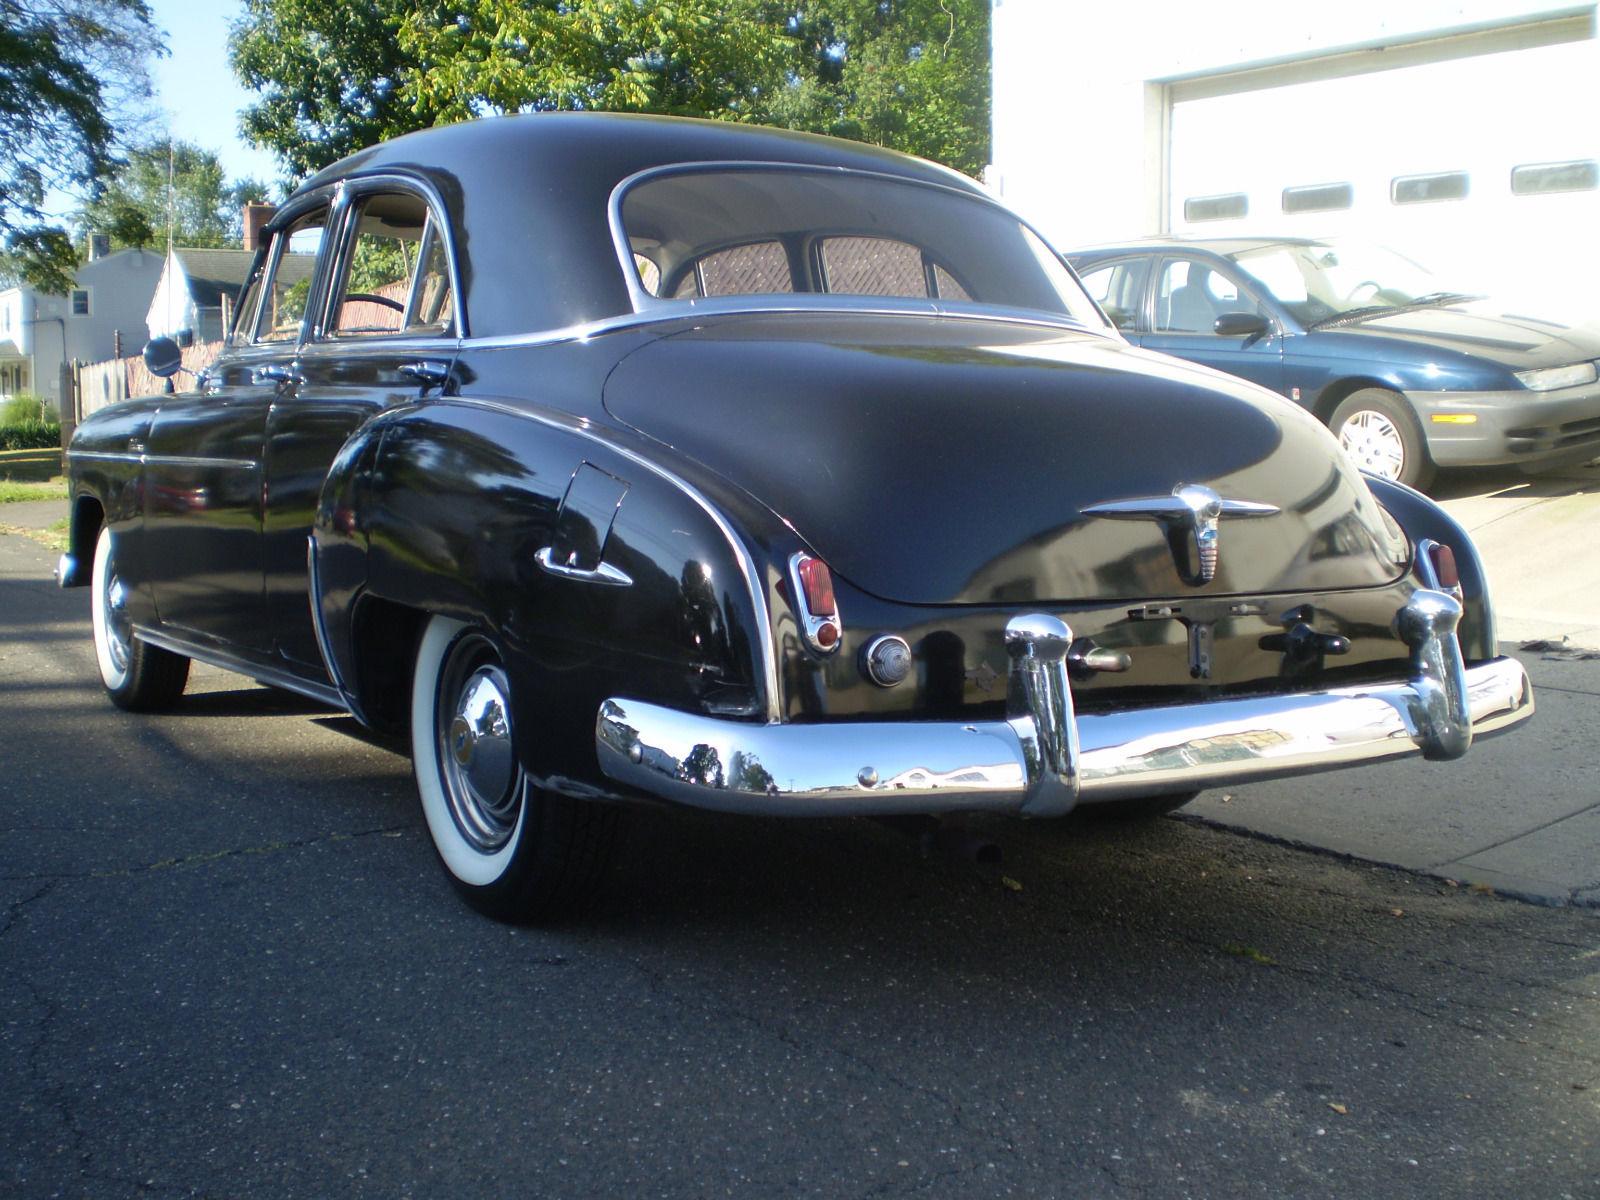 1950 Black Chevie rear.jpg